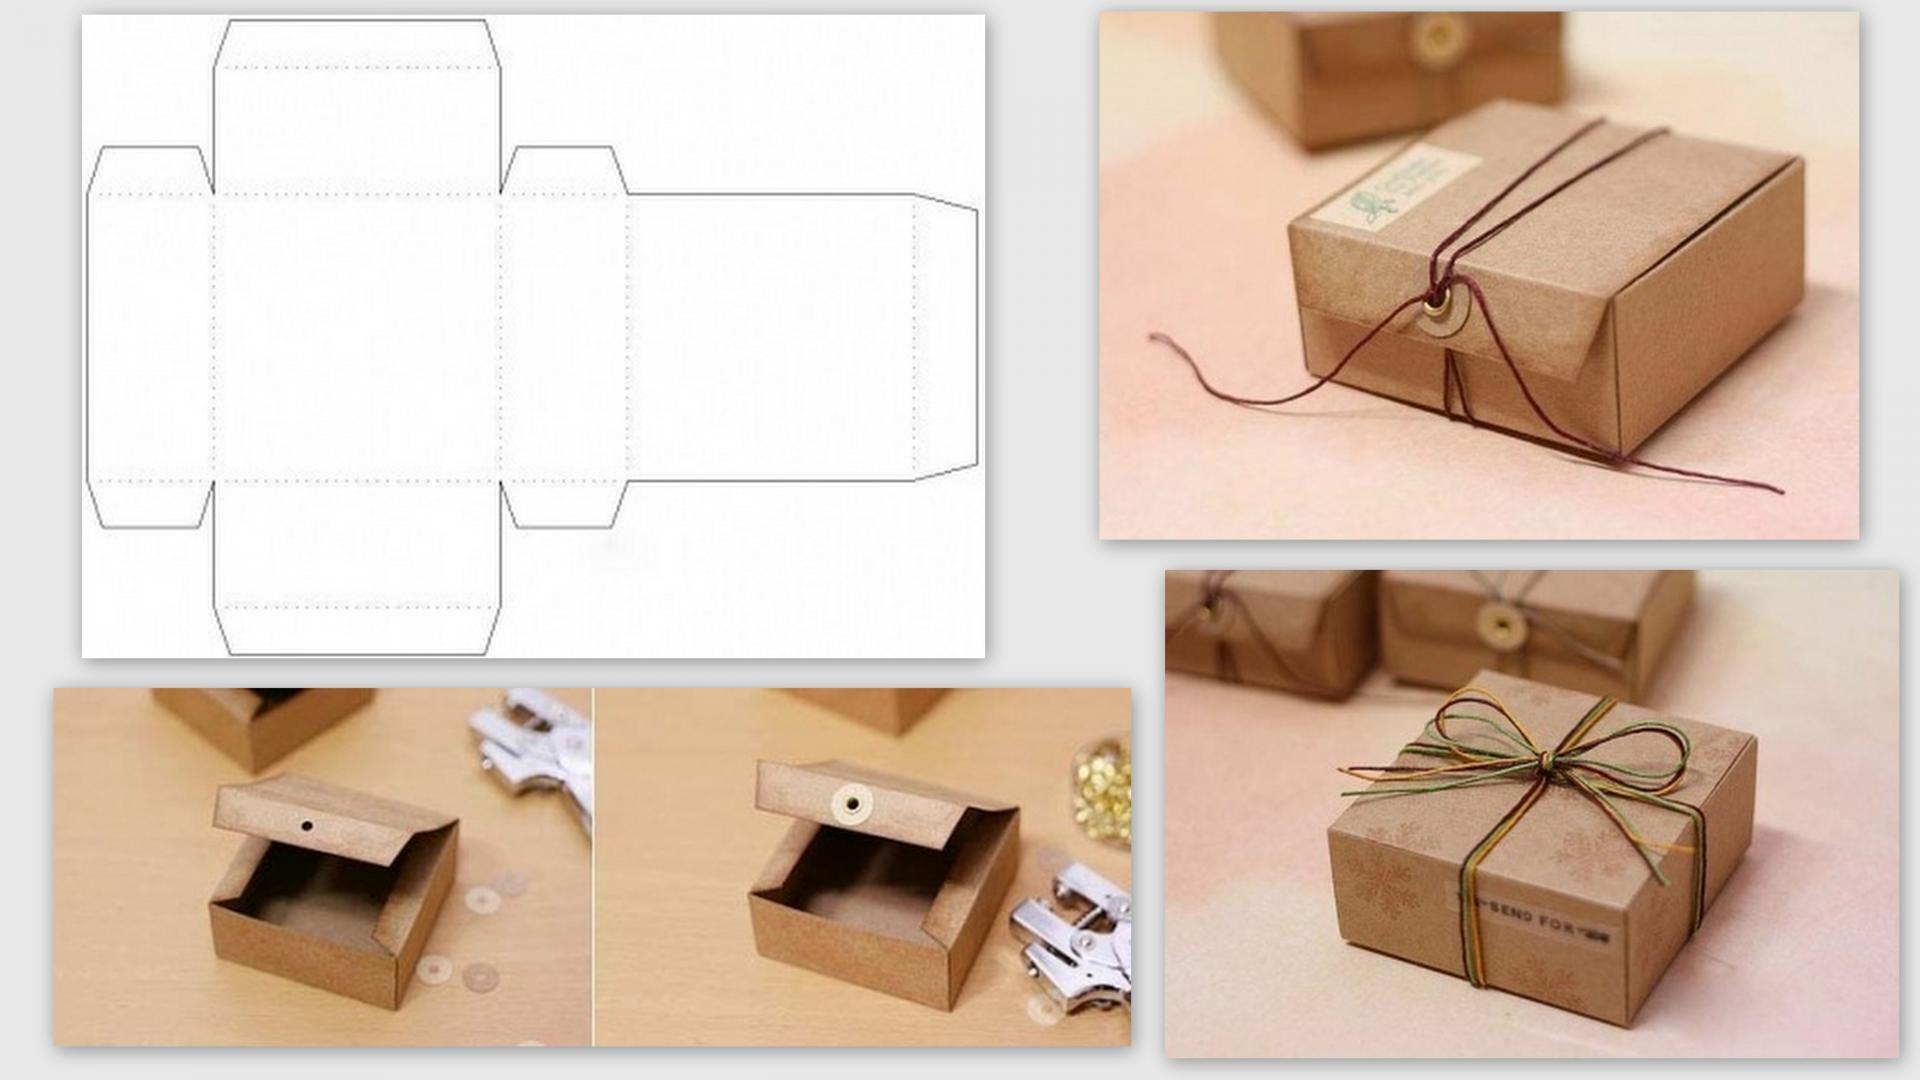 Наполнитель для коробки с подарком: как сделать стружку для упаковки подарка своими руками? чем можно заполнить, кроме мишуры, бумажной соломы и сена?